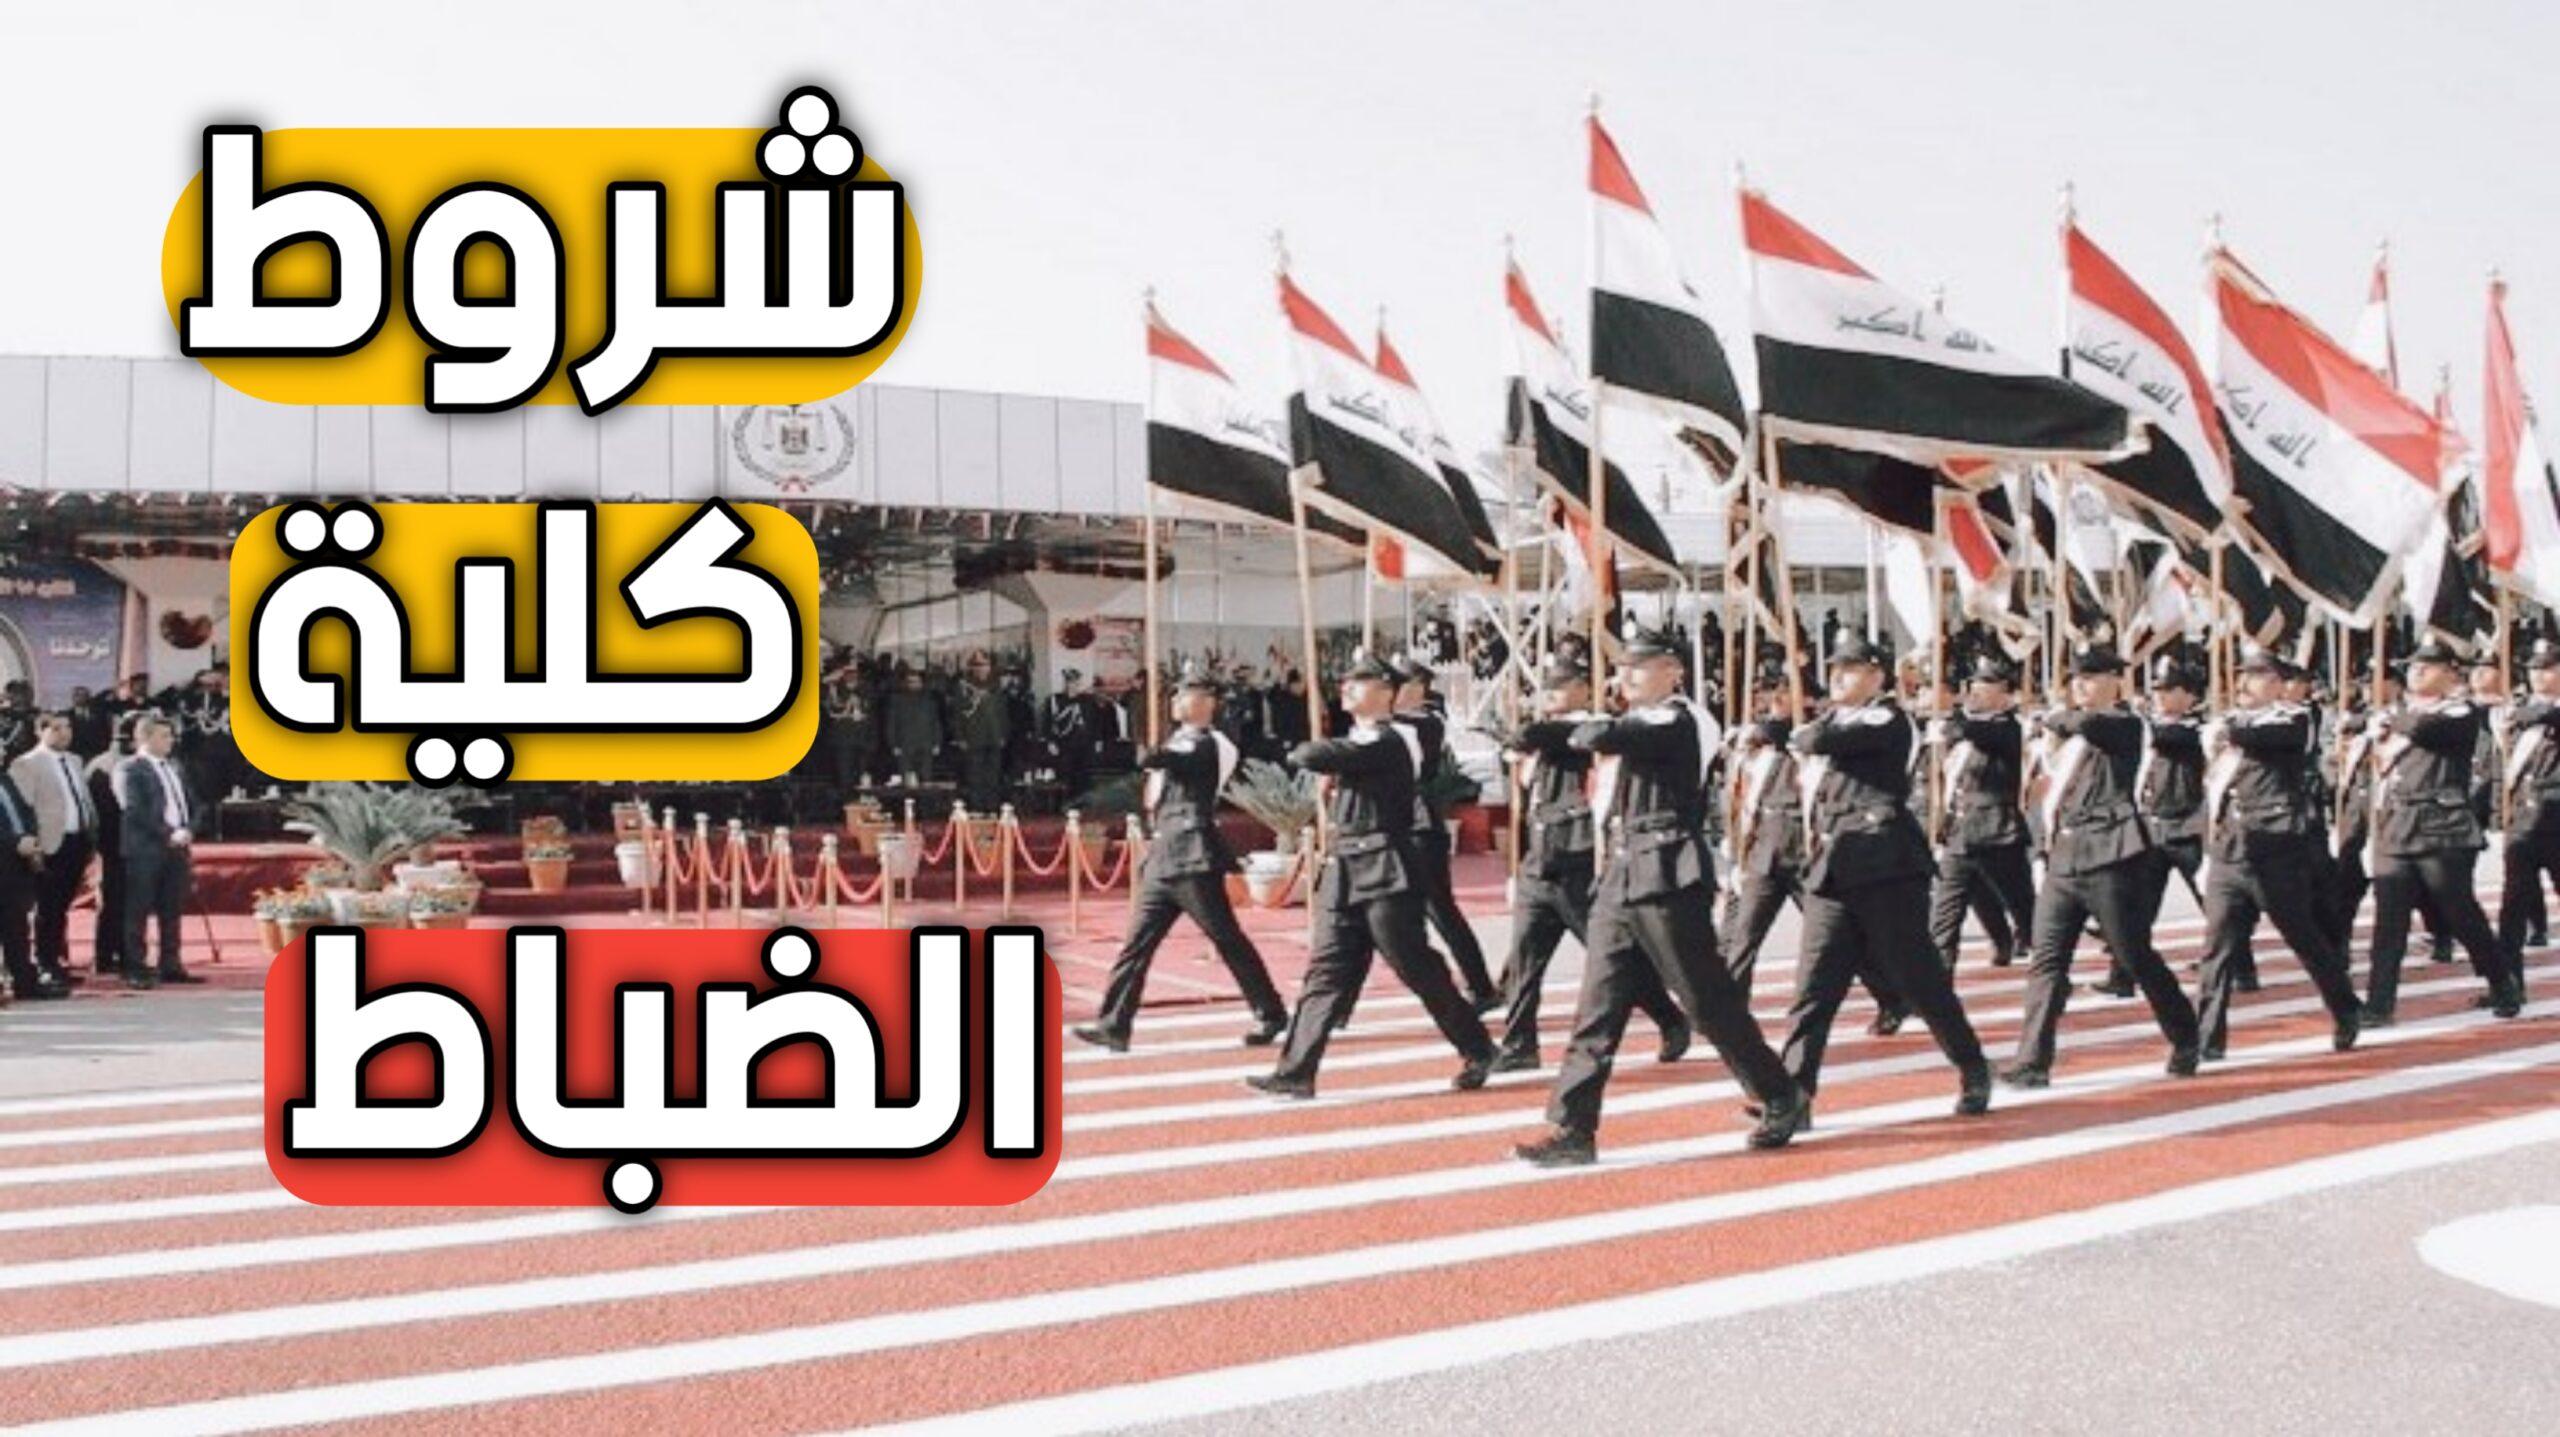 شروط القبول في كلية الضباط في العراق مع معدل القبول الاستاذ العراقي